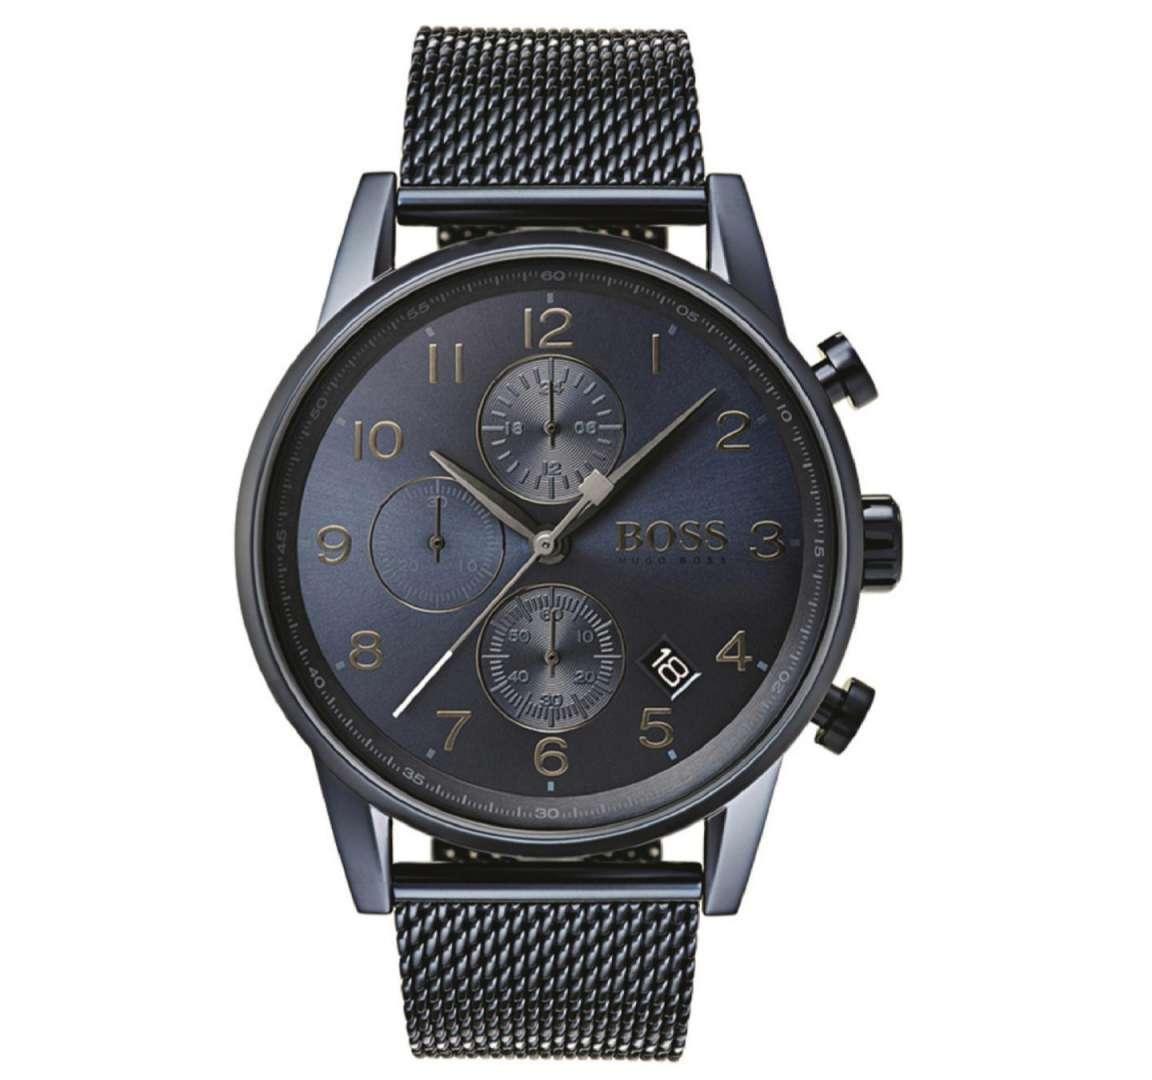 שעון יד אנלוגי hugo boss 1513538 הוגו בוס